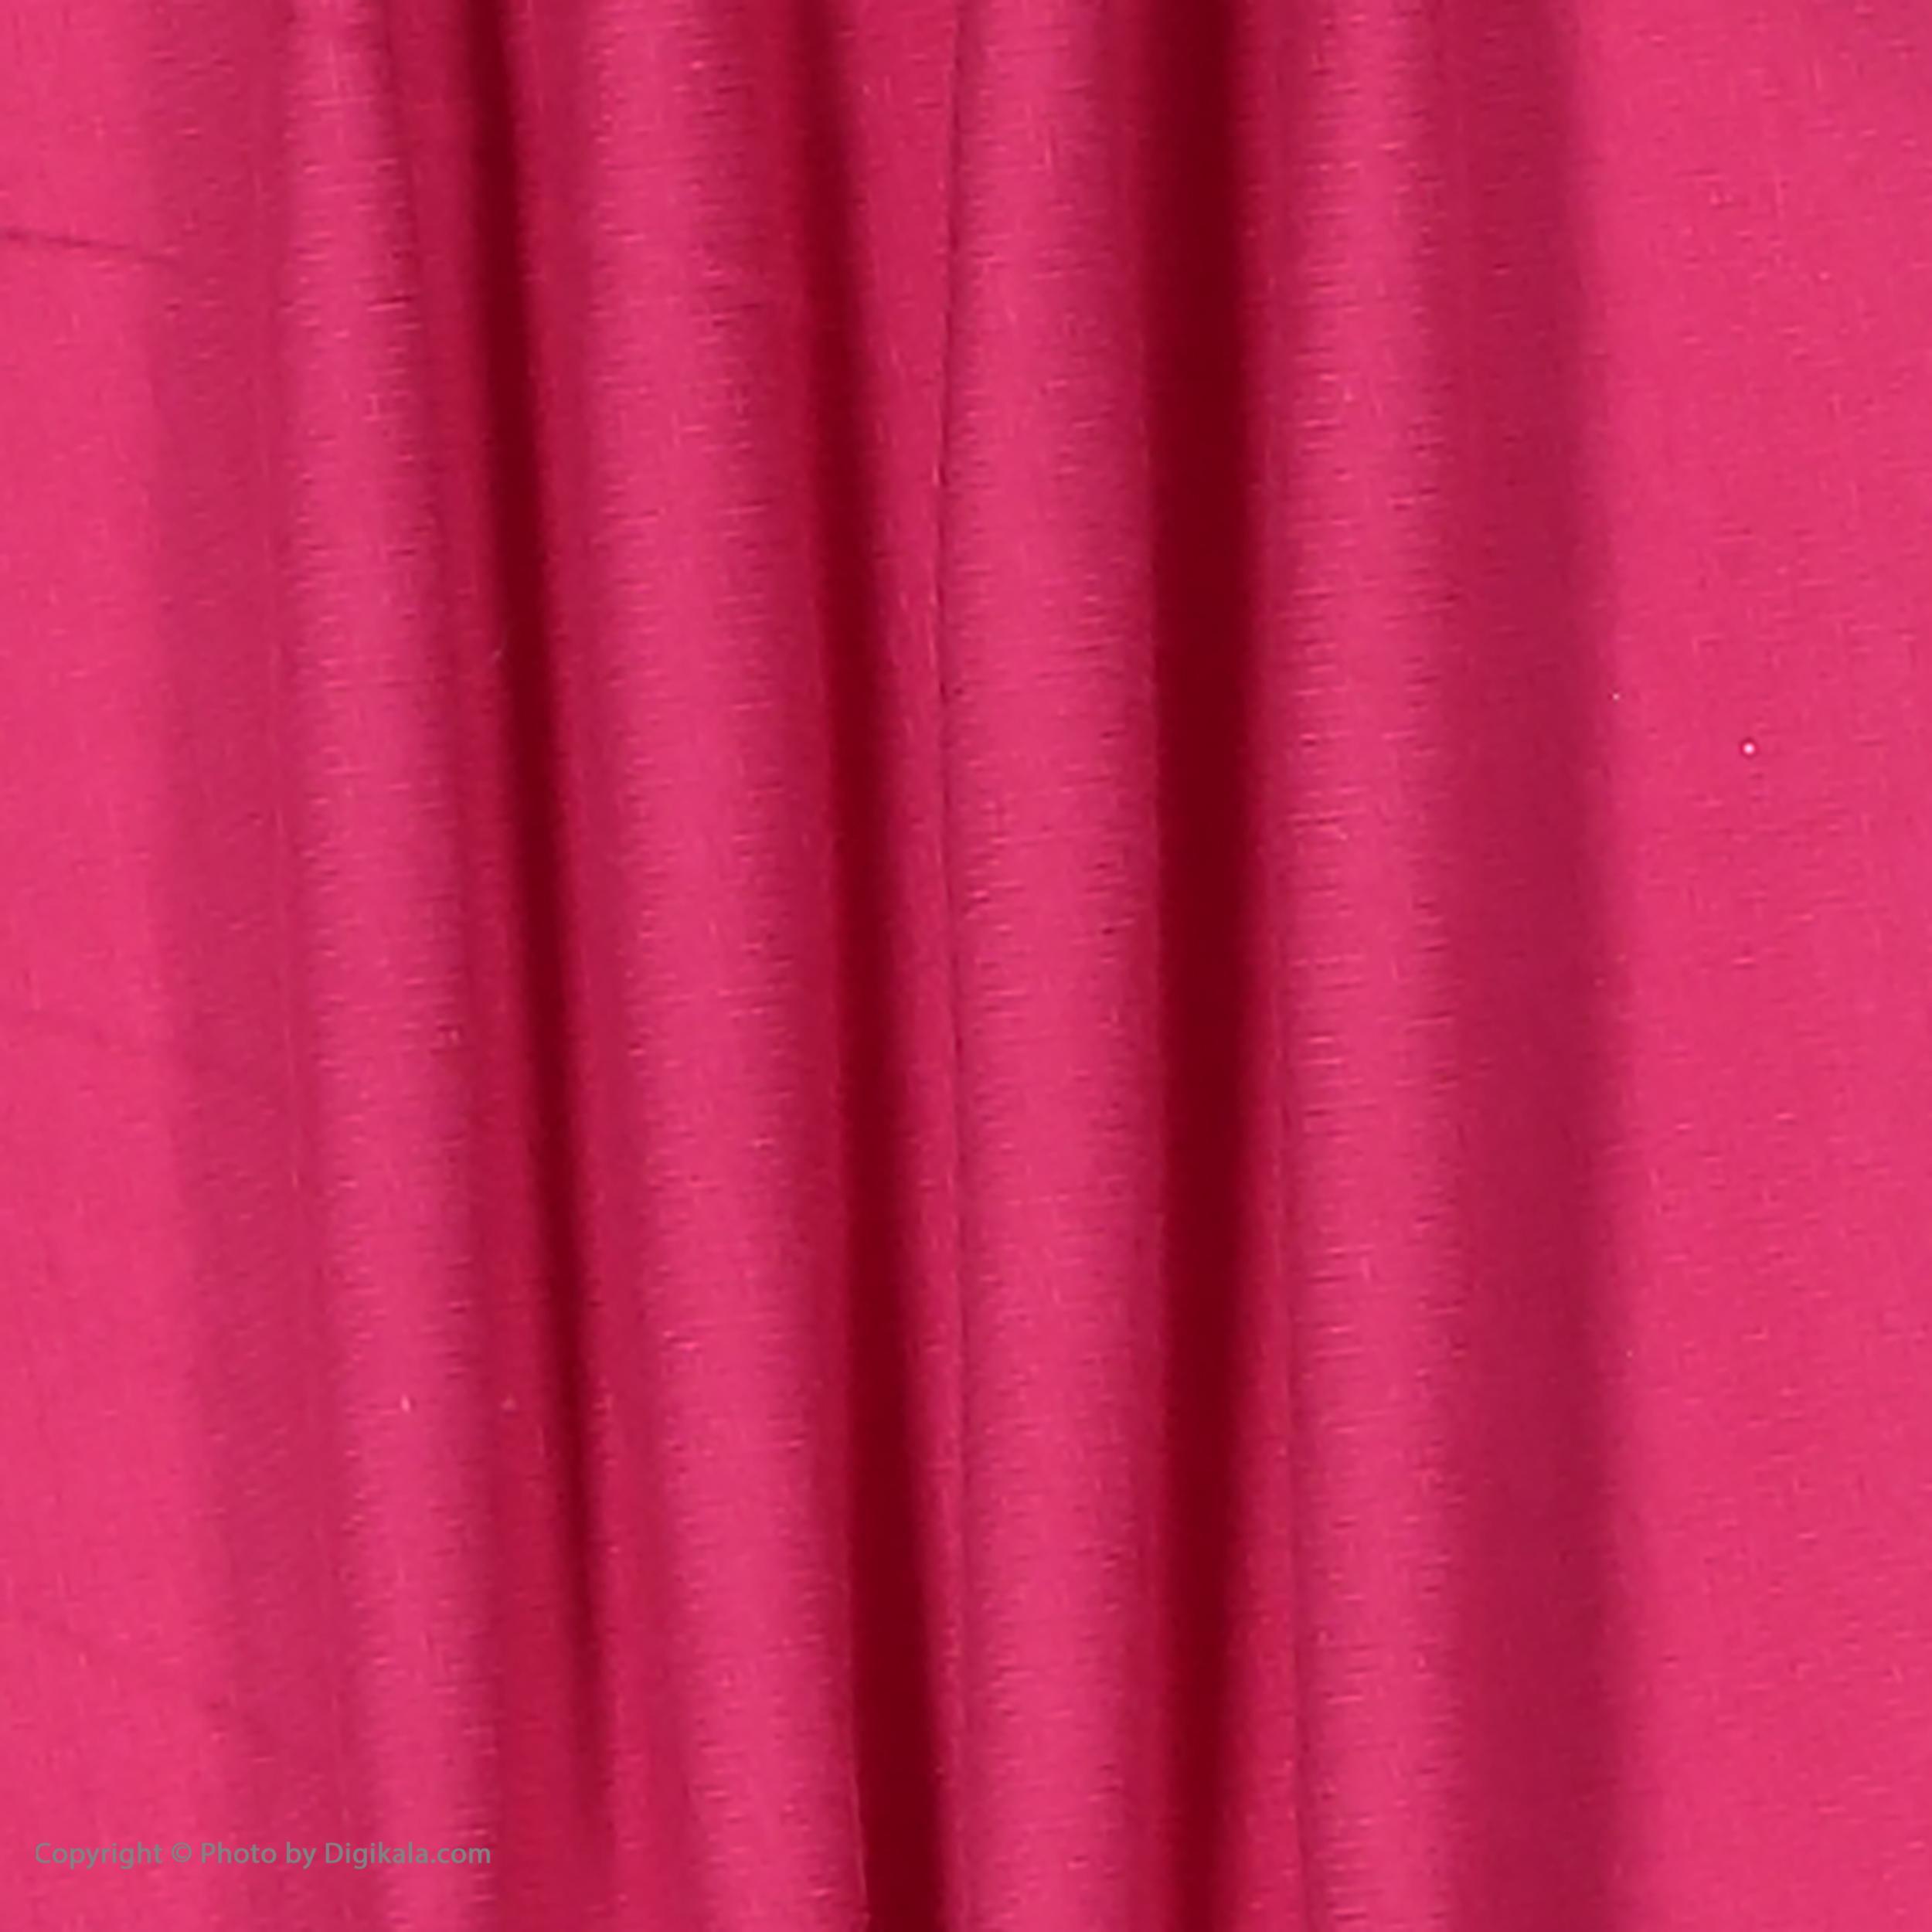 ست تی شرت و شلوار دخترانه مادر مدل 2041104-66 main 1 6